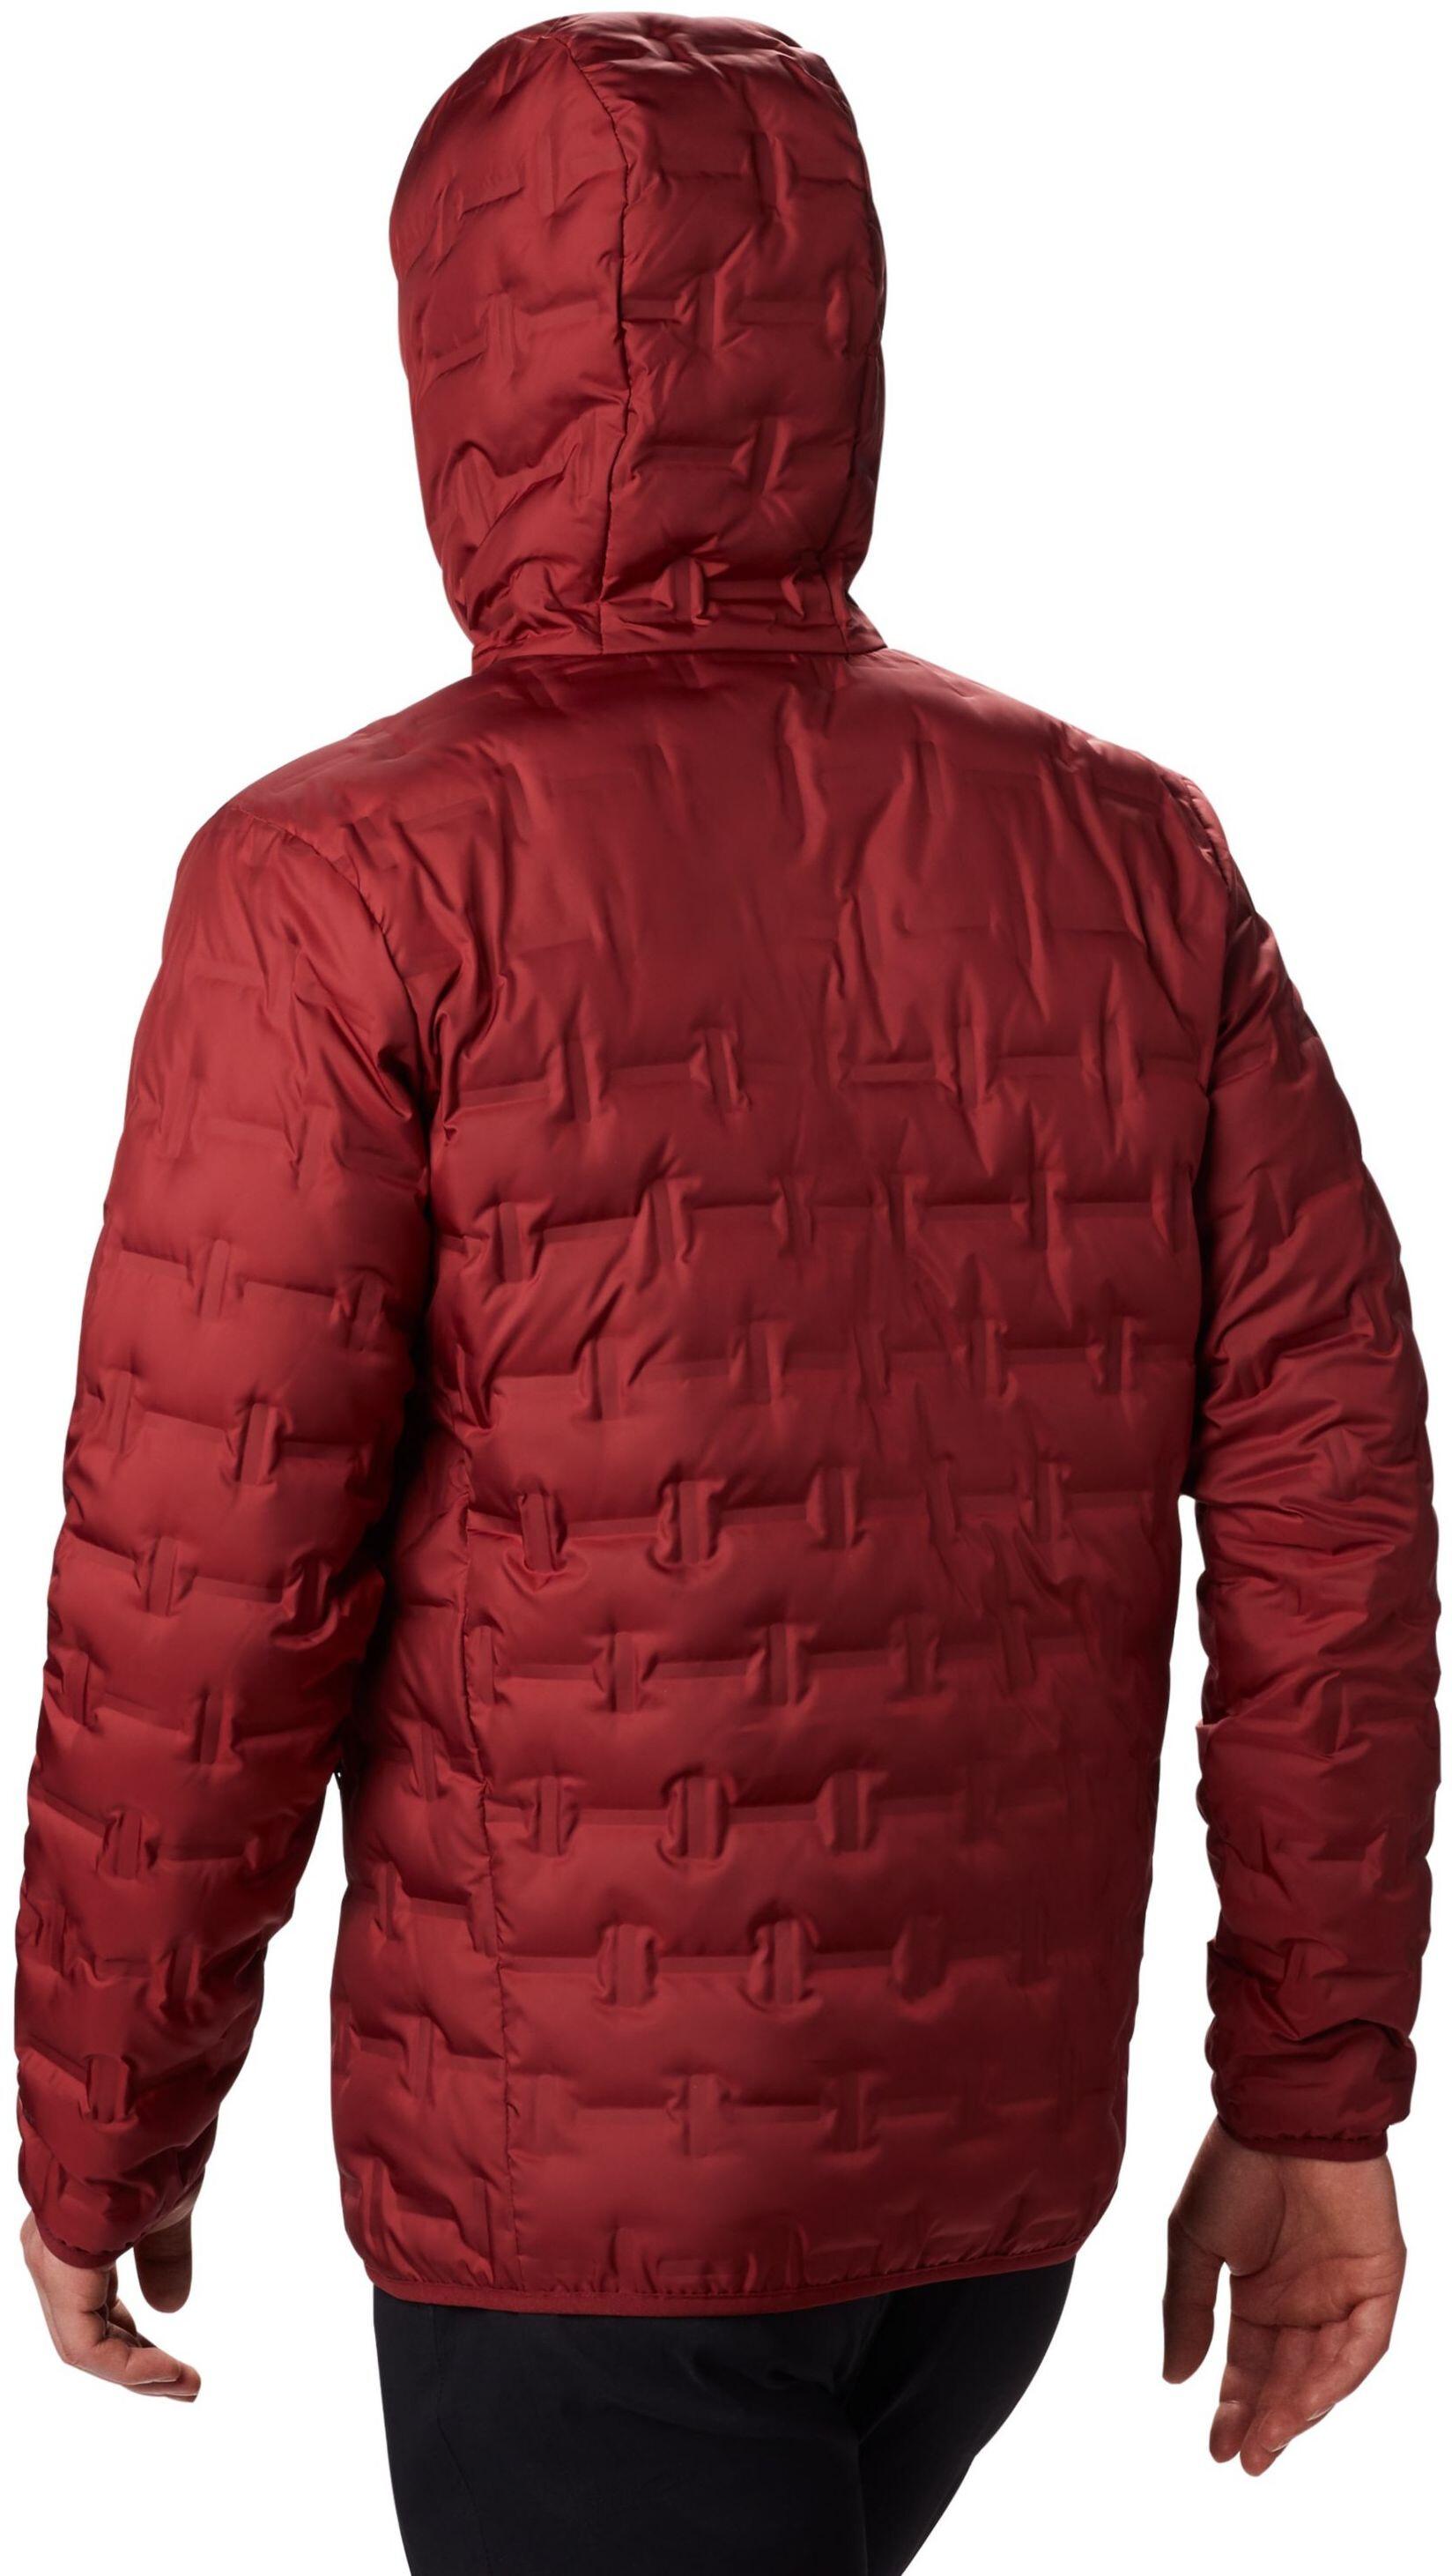 Columbia Delta Ridge Giacca piumino con cappuccio Uomo, red jasper  1040882 6v0B6